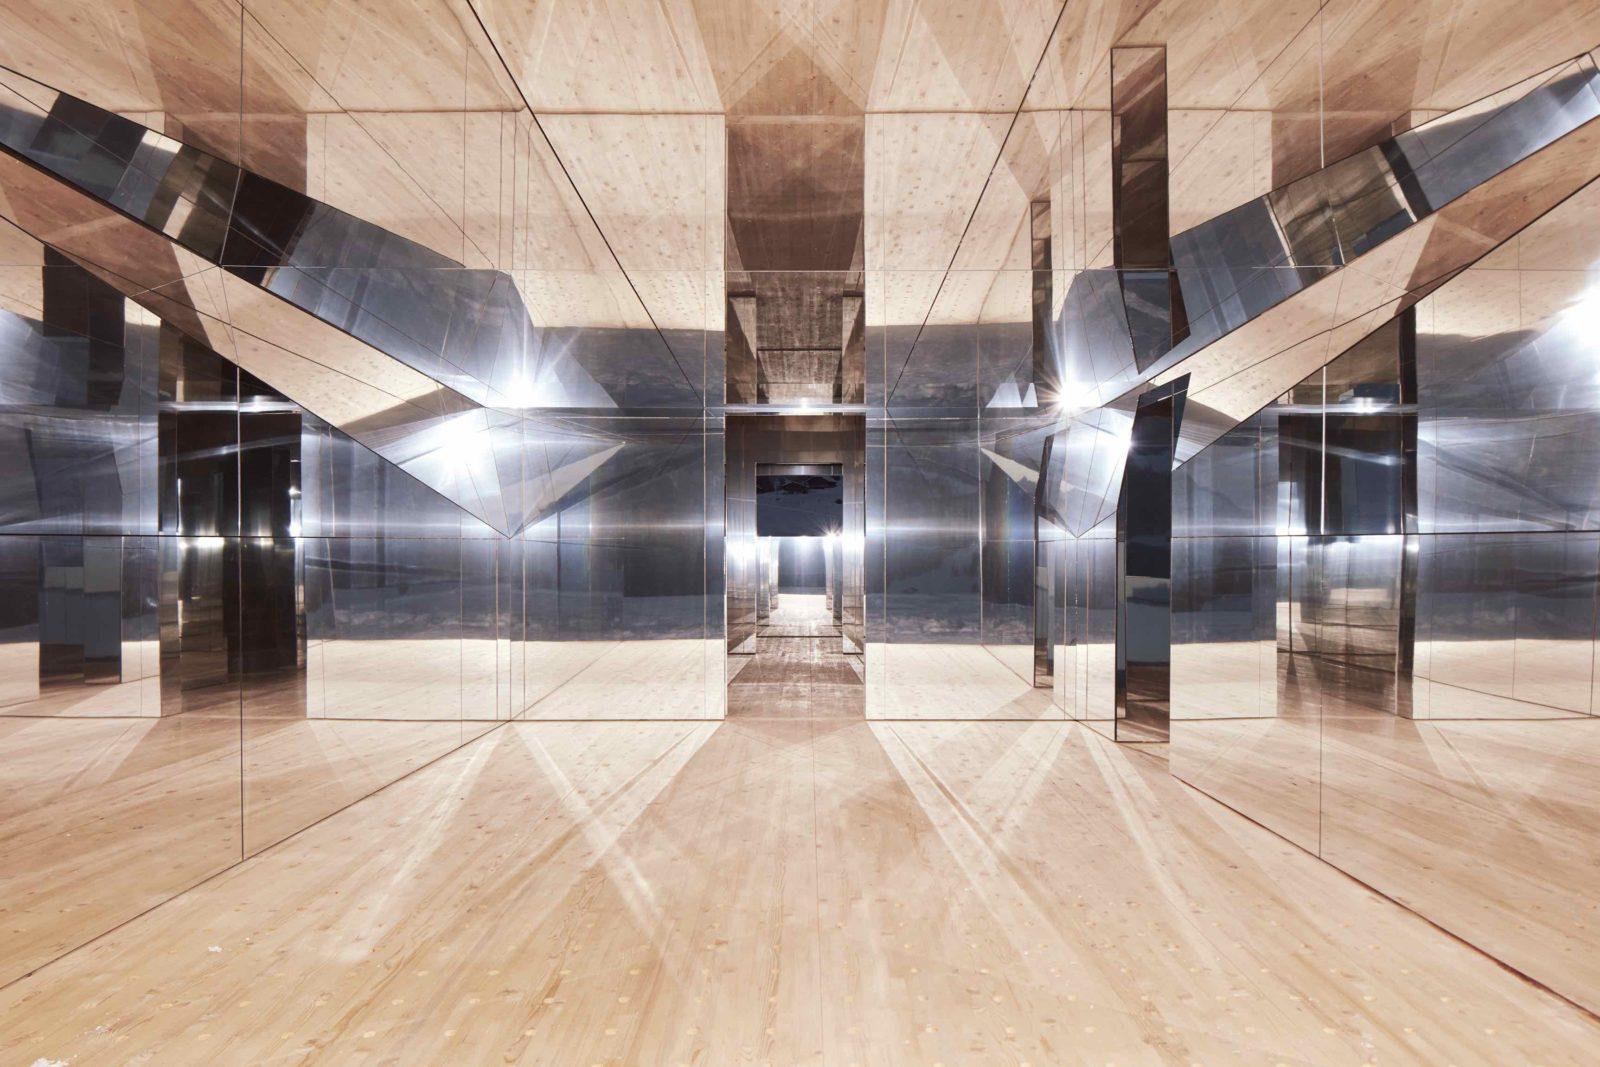 Mirage Gstaad Doug Aitken intérieur kaleidoscope